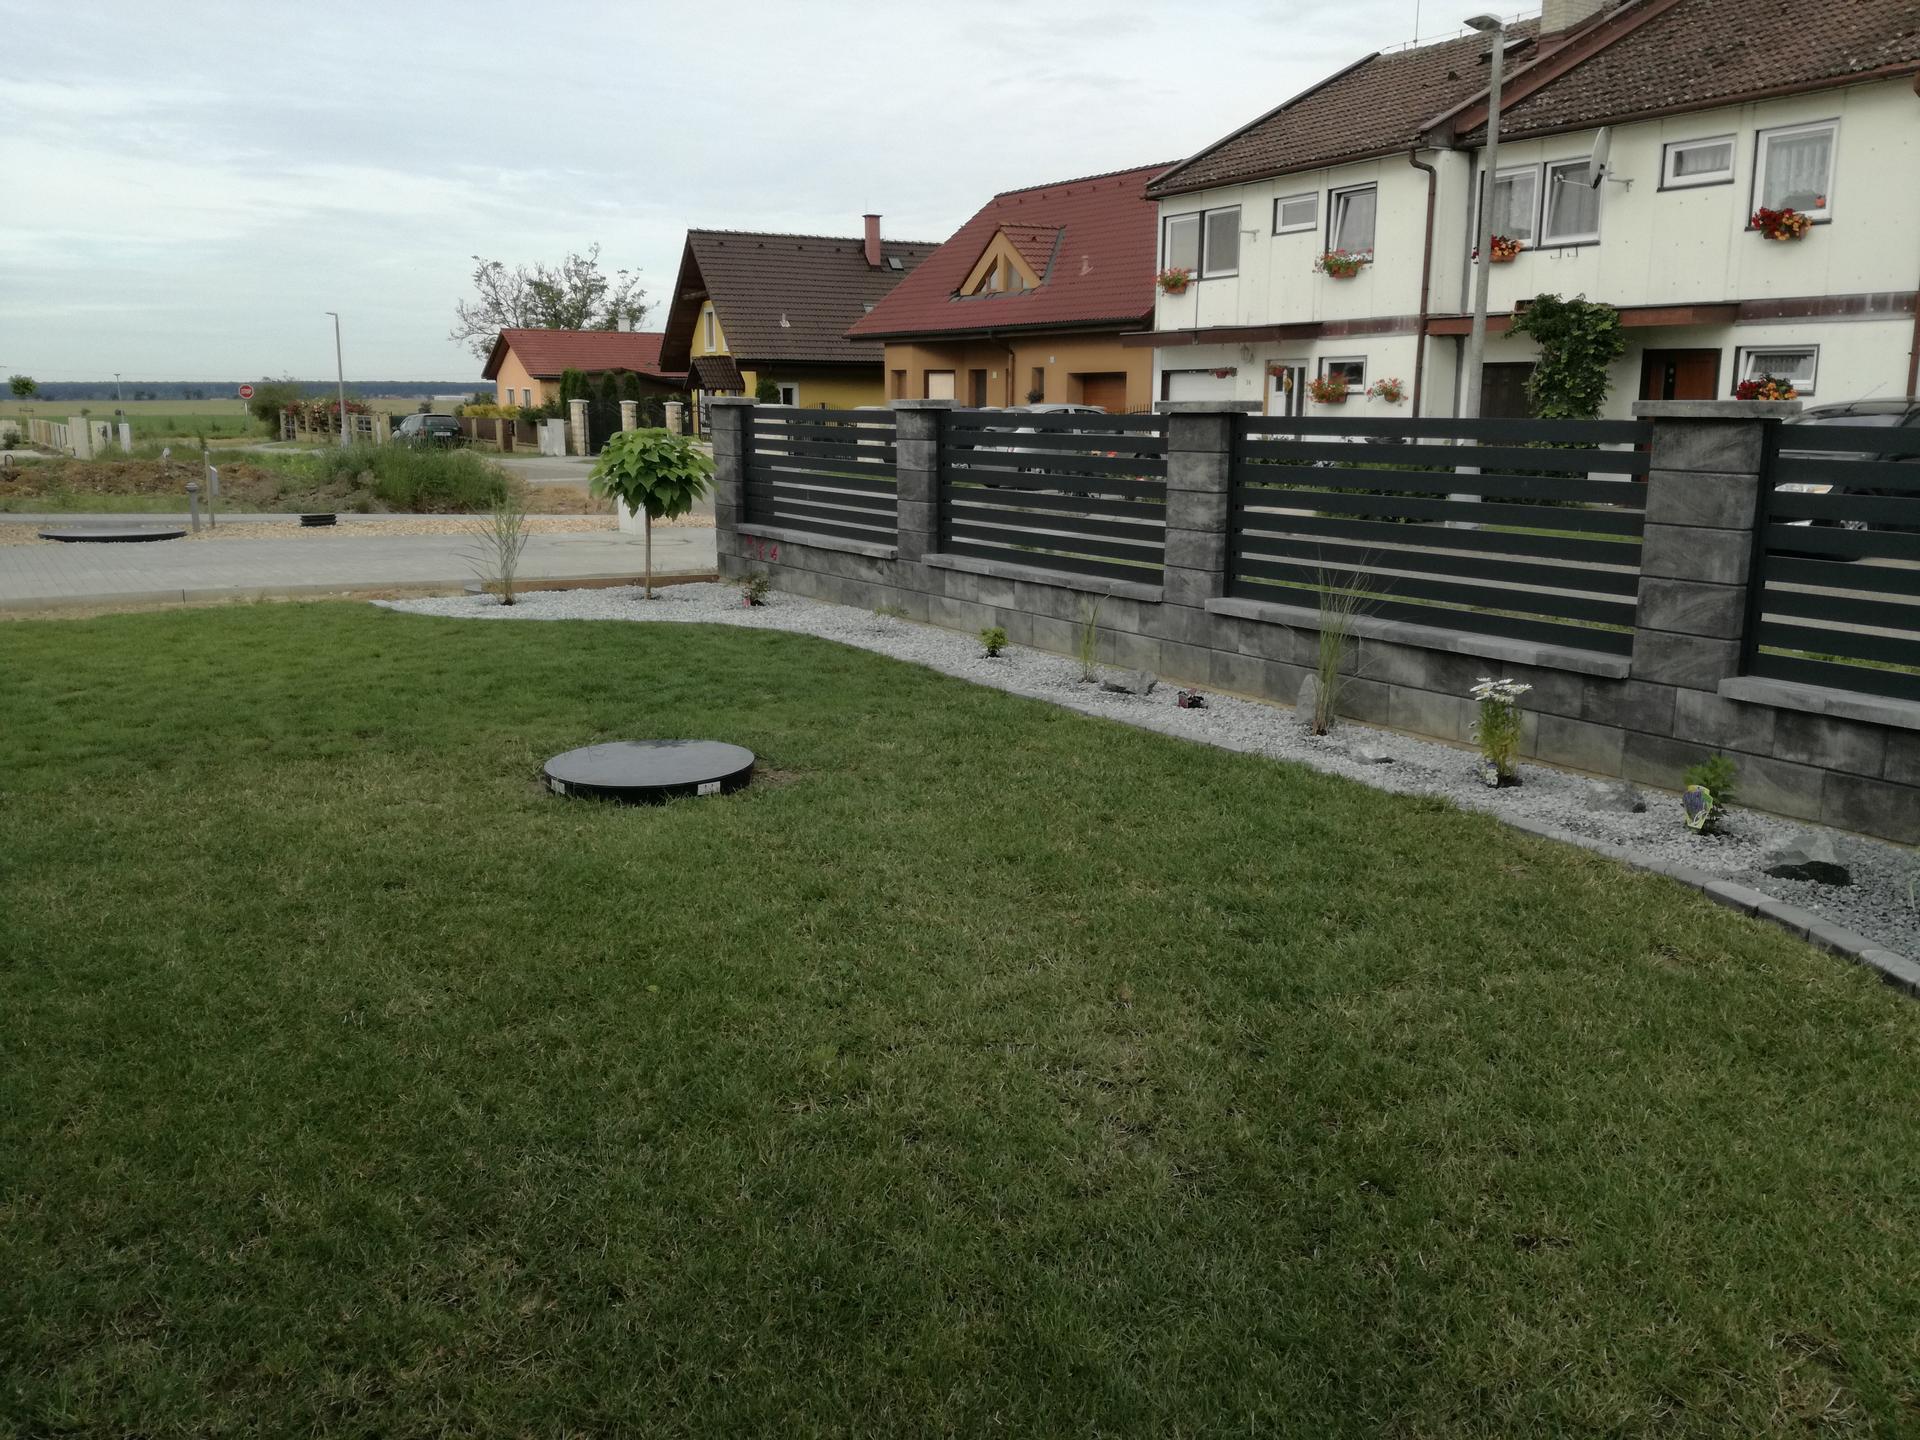 Tvoříme si zahradu... - Obrázek č. 8